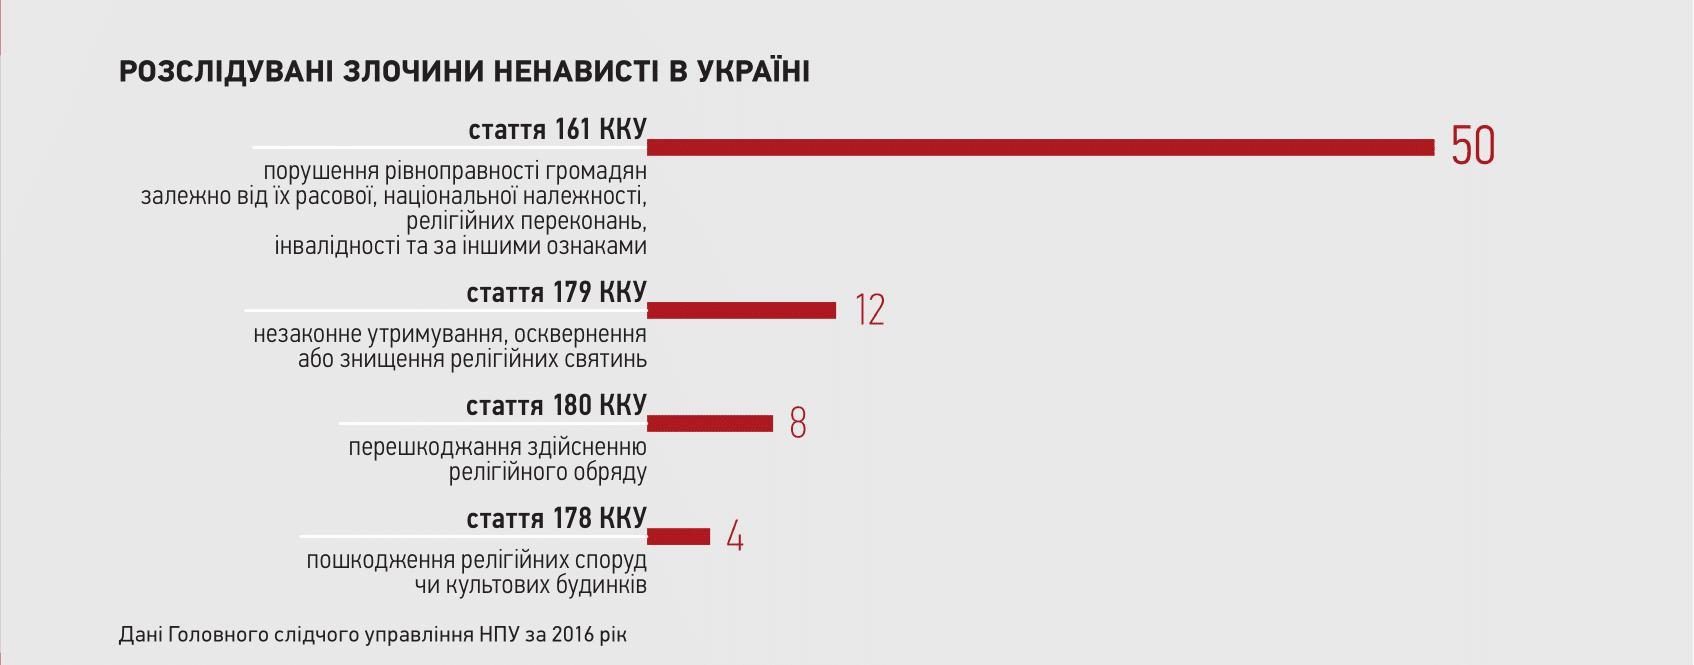 lhbt - Чужі серед своїх. Кого дискримінують в українських клубах і як із цим боротися - Заборона